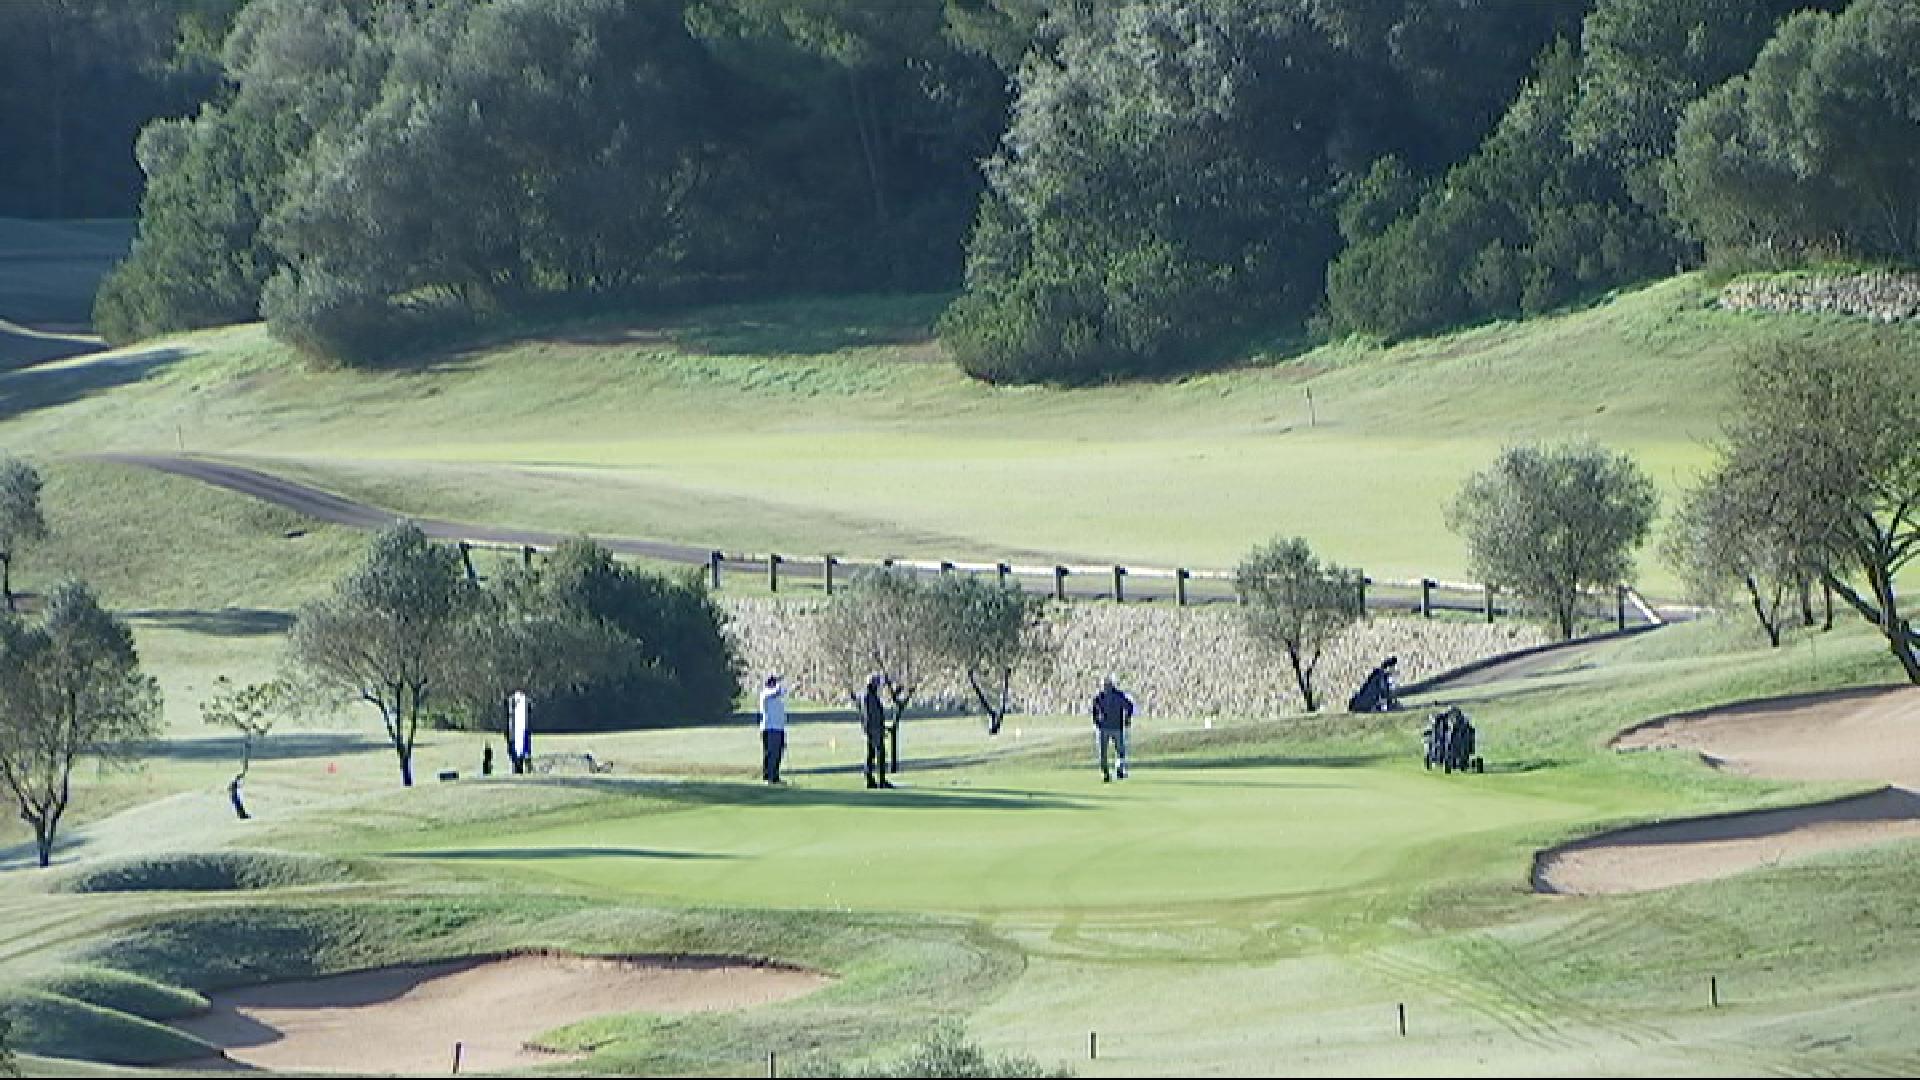 Els+camps+de+golf+generen+un+impacte+econ%C3%B2mic+de+166%2C9+milions+d%26apos%3Beuros+a+Mallorca